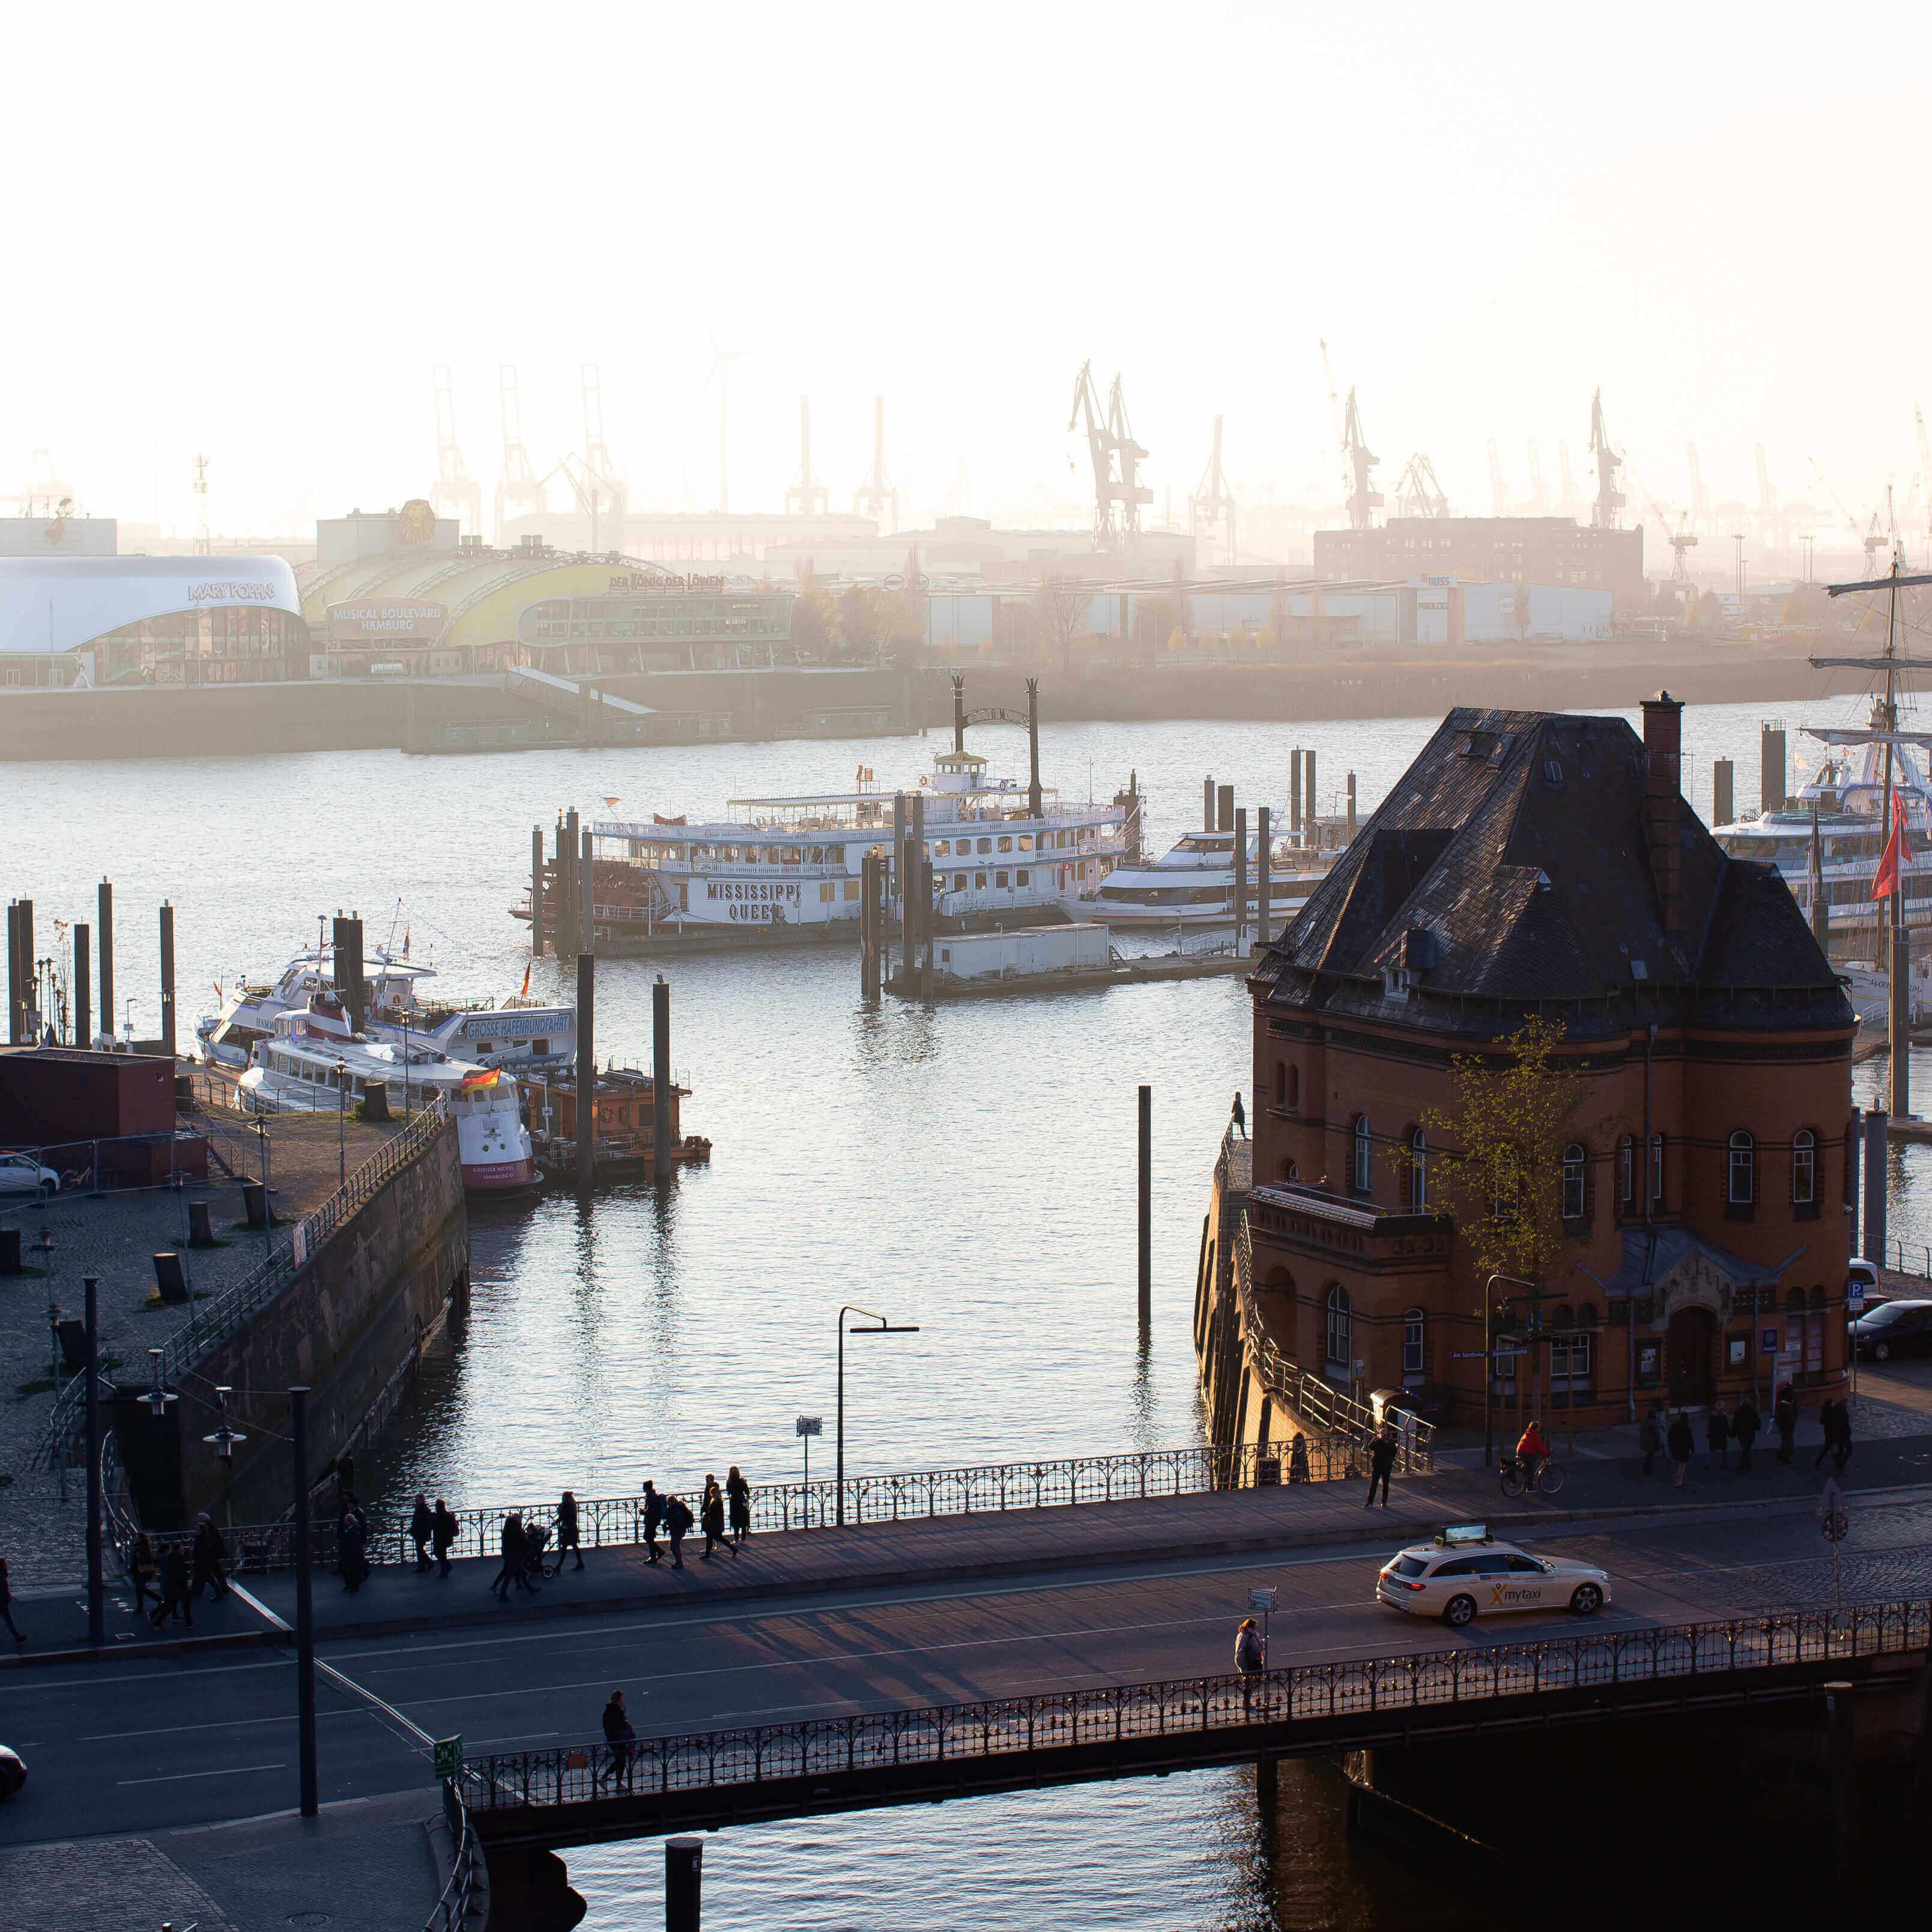 Chemikalien Hamburg, Hamburger Hafen am Morgen